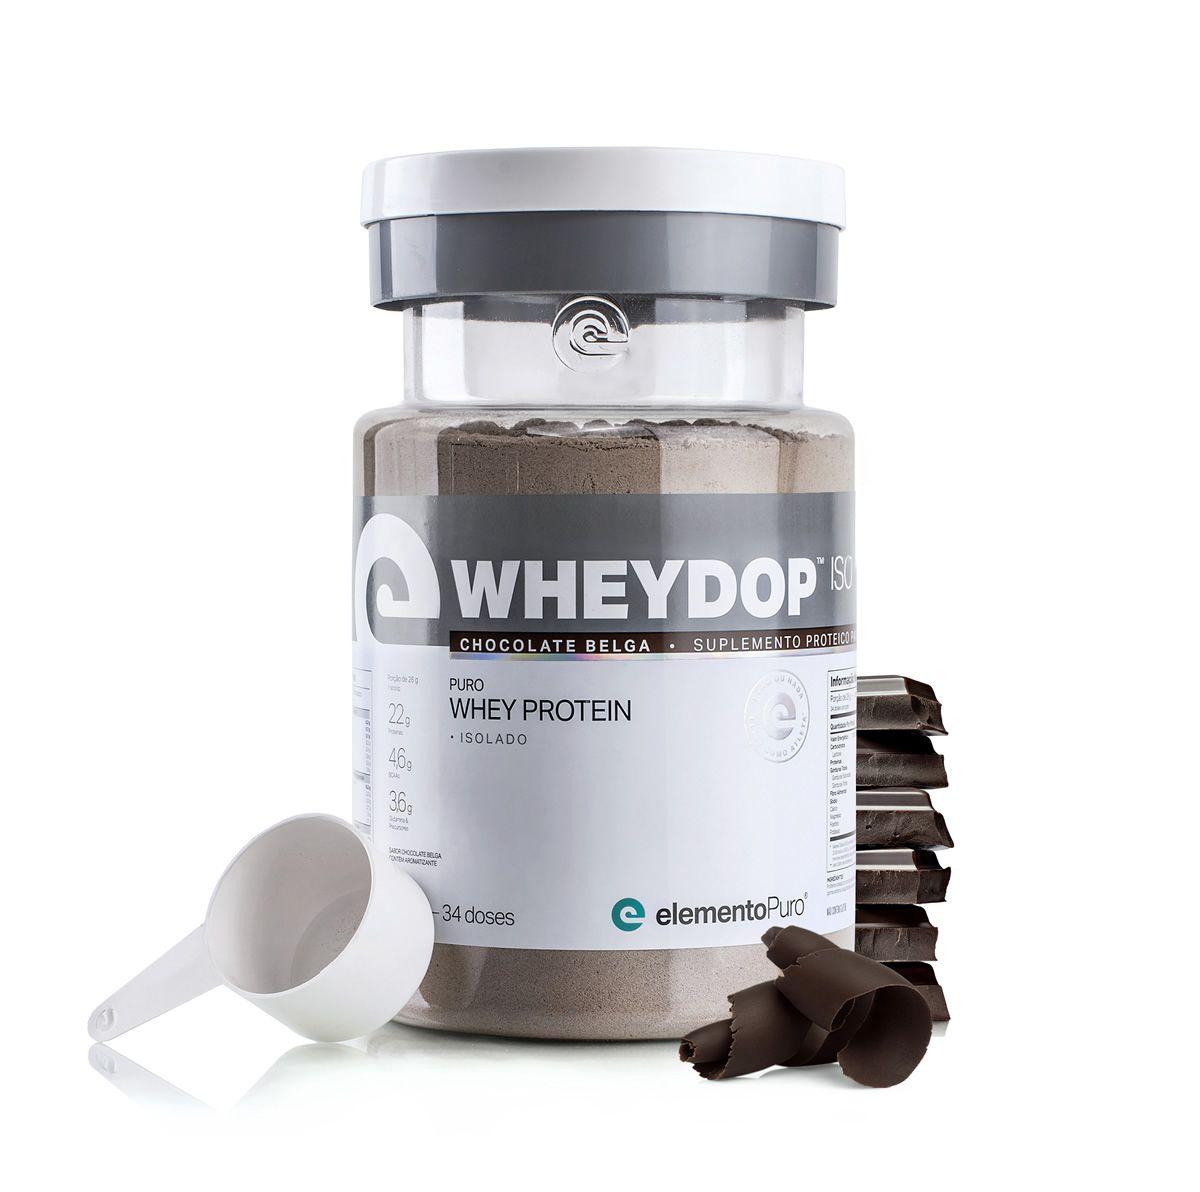 Wheydop Iso 900g Elemento Puro - Chocolate Belga